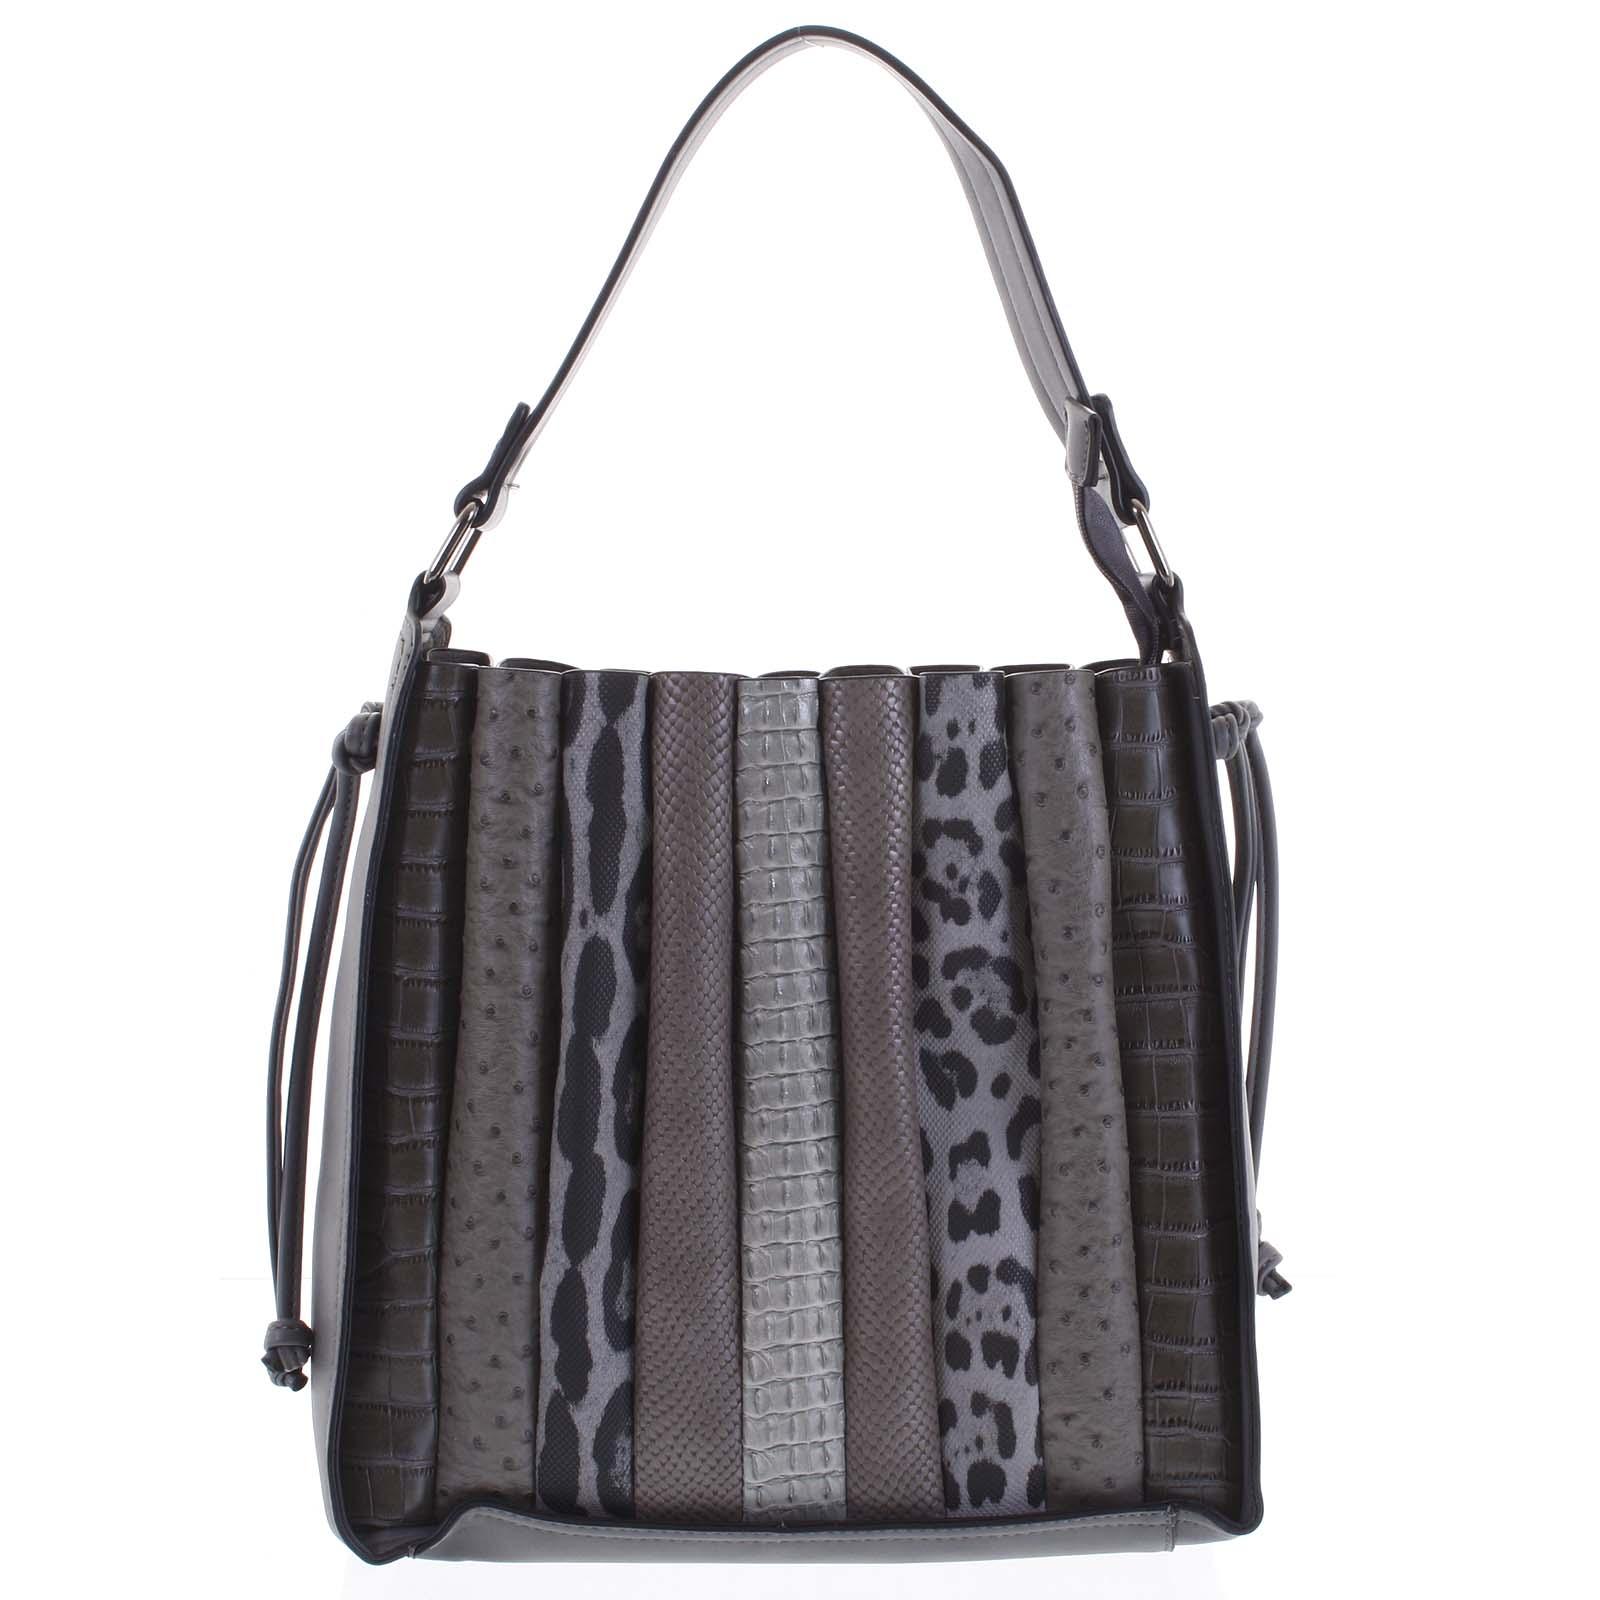 Dámská kabelka přes rameno tmavě šedá - Dudlin Pruet šedá